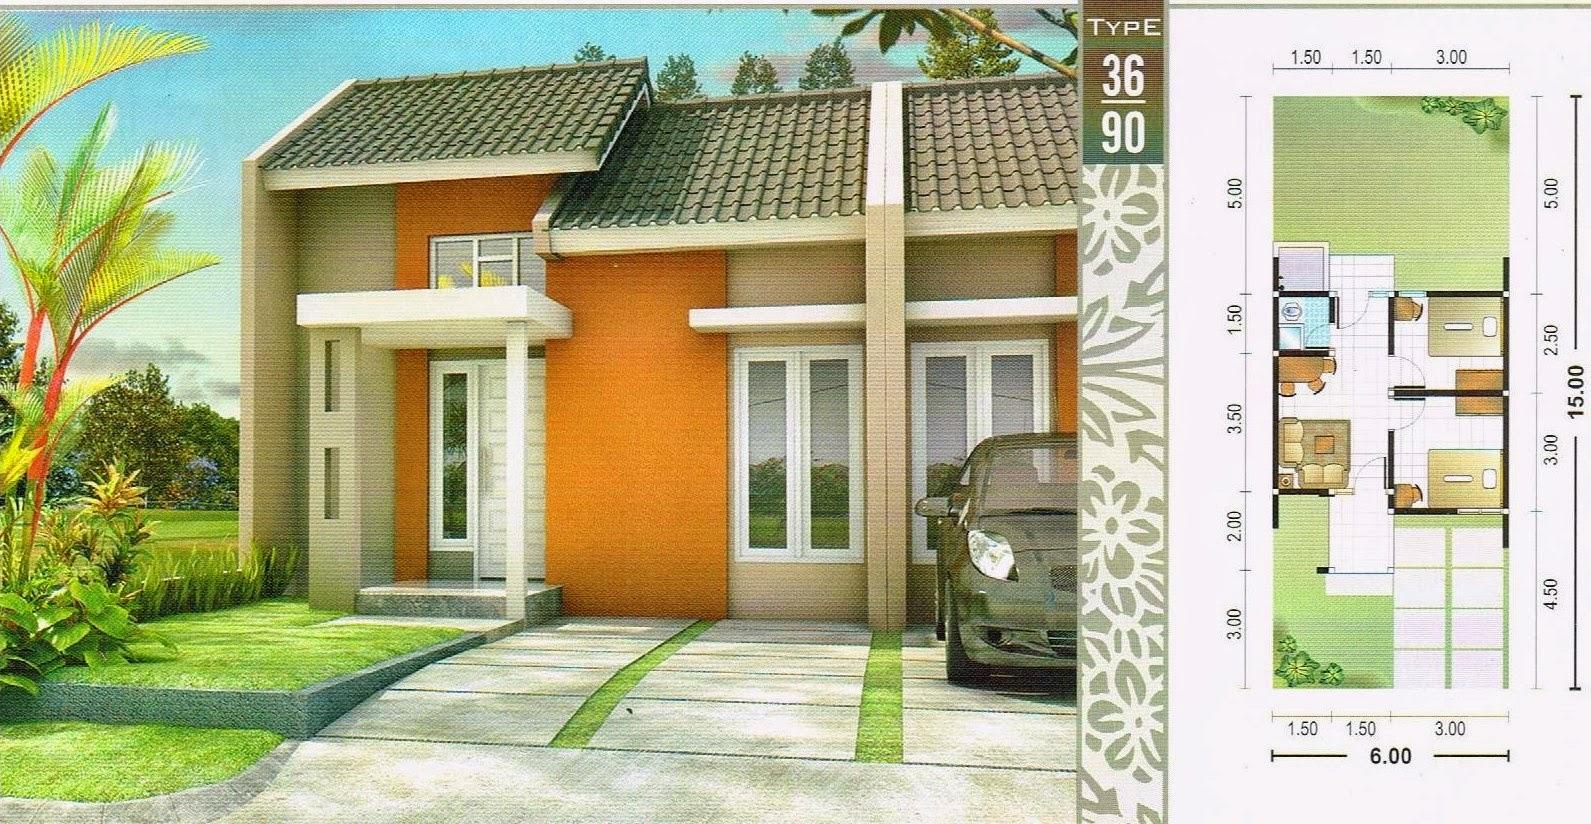 Desain Rumah Minimalis Type 36 Luas 90 Desain Rumah Minimalis